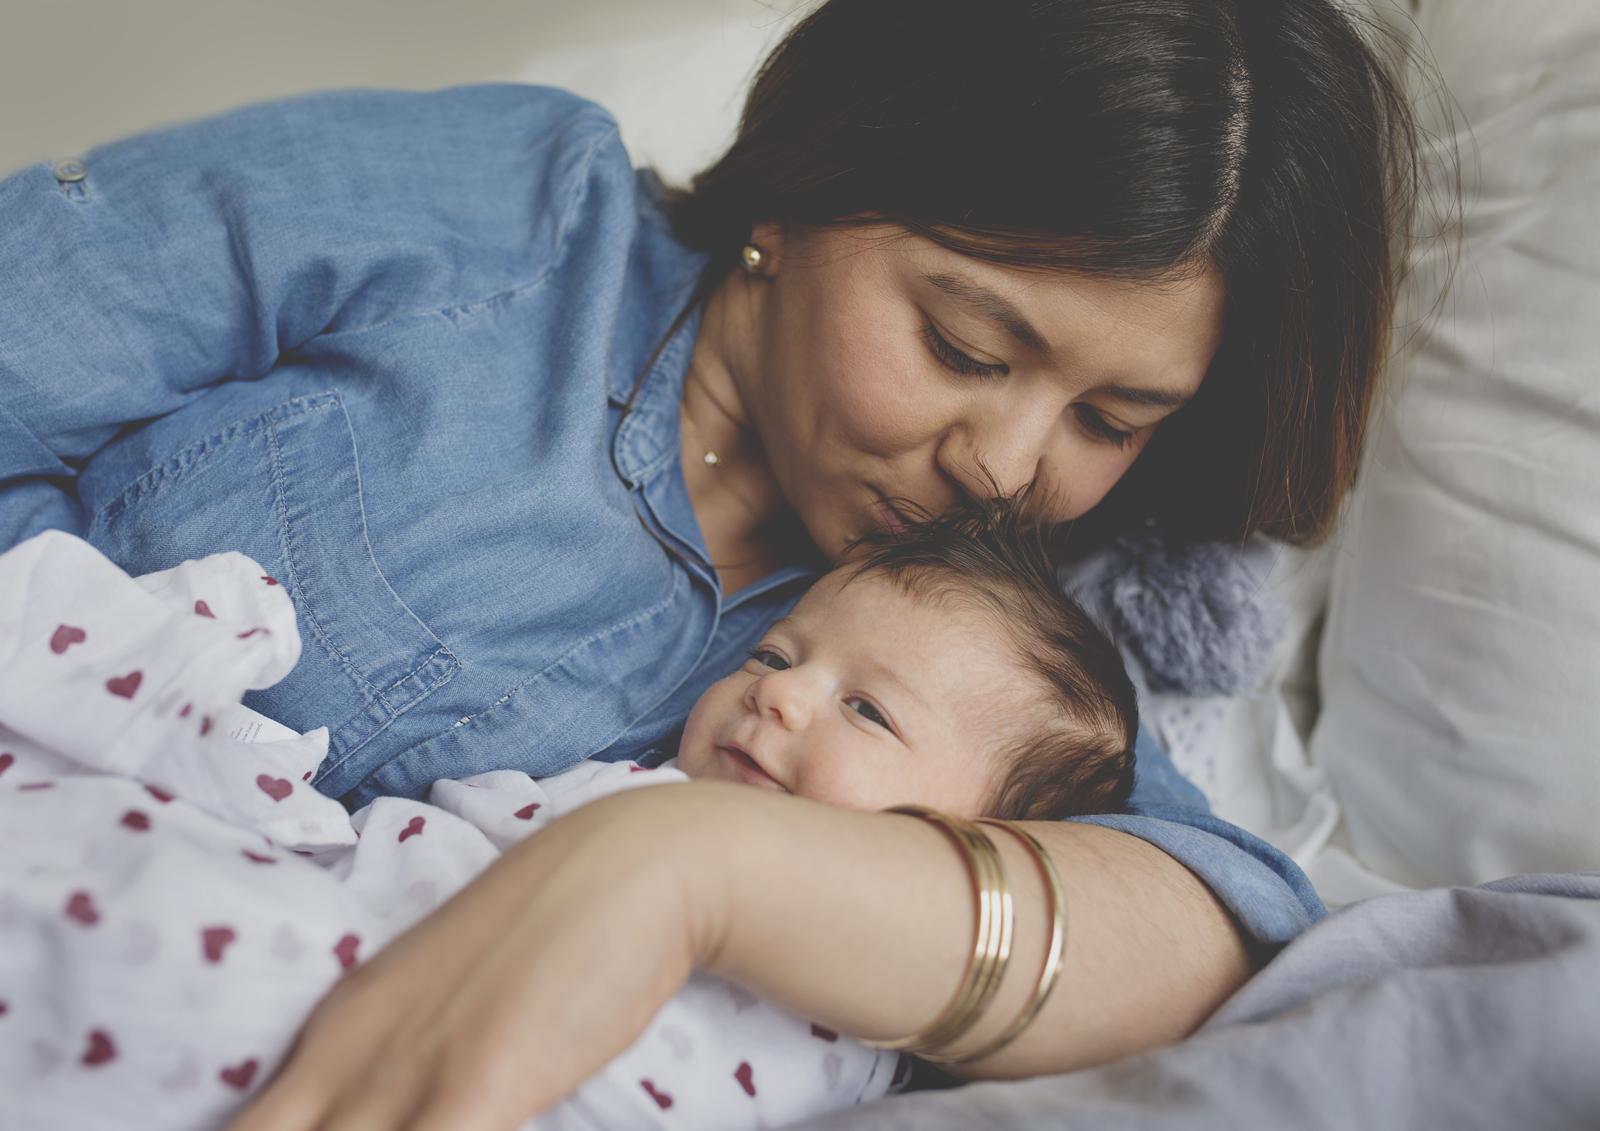 Bayside Newborn Baby Photographer